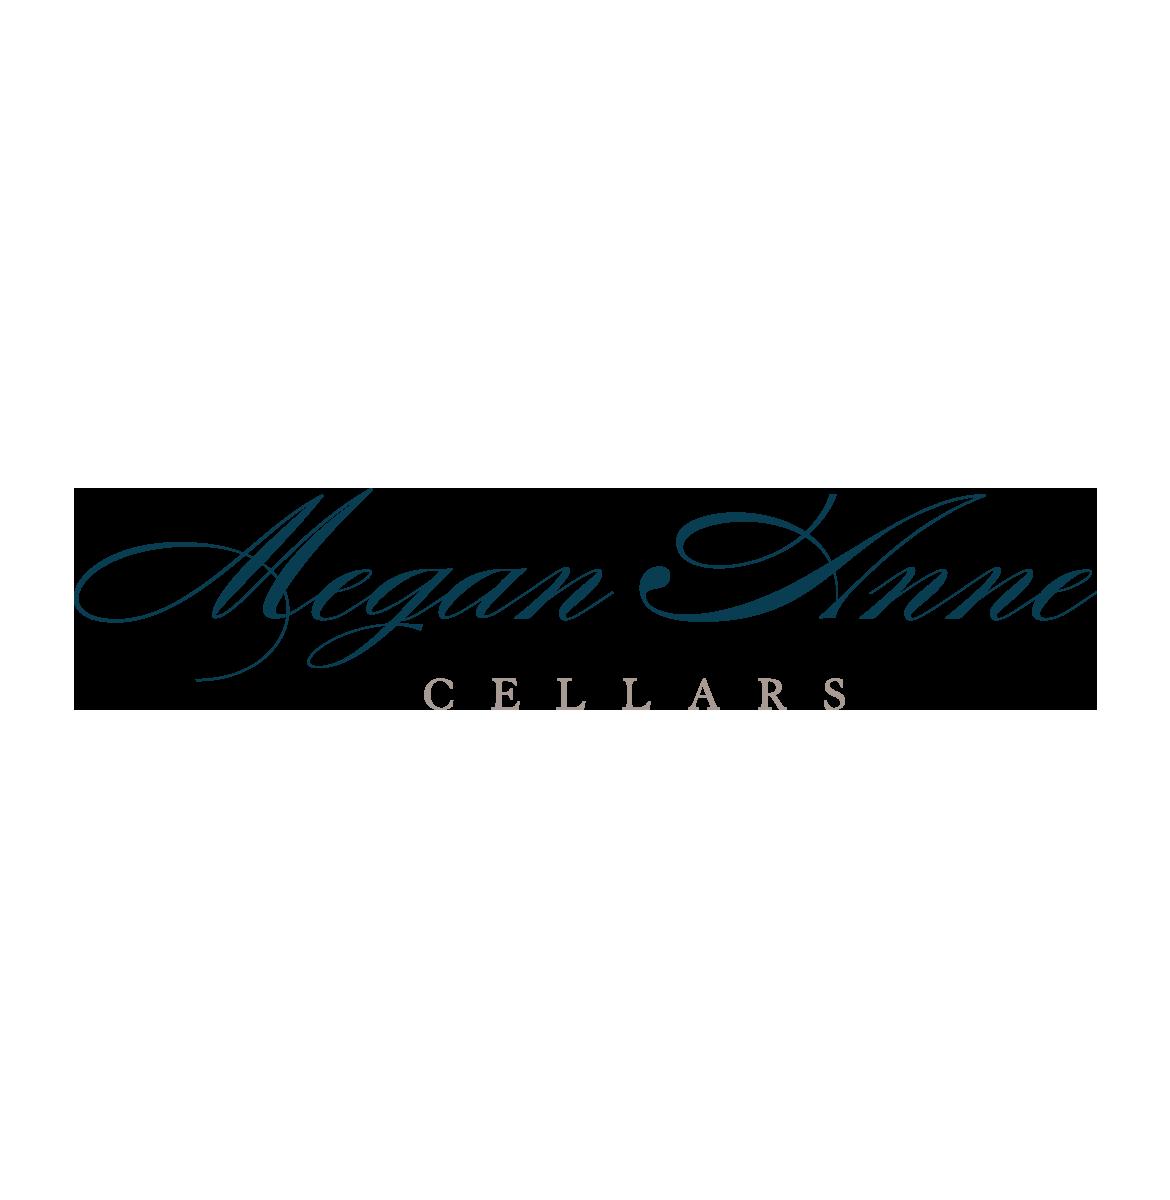 MeganAnne_LogoVariations_0009_Vector-Smart-Object.png